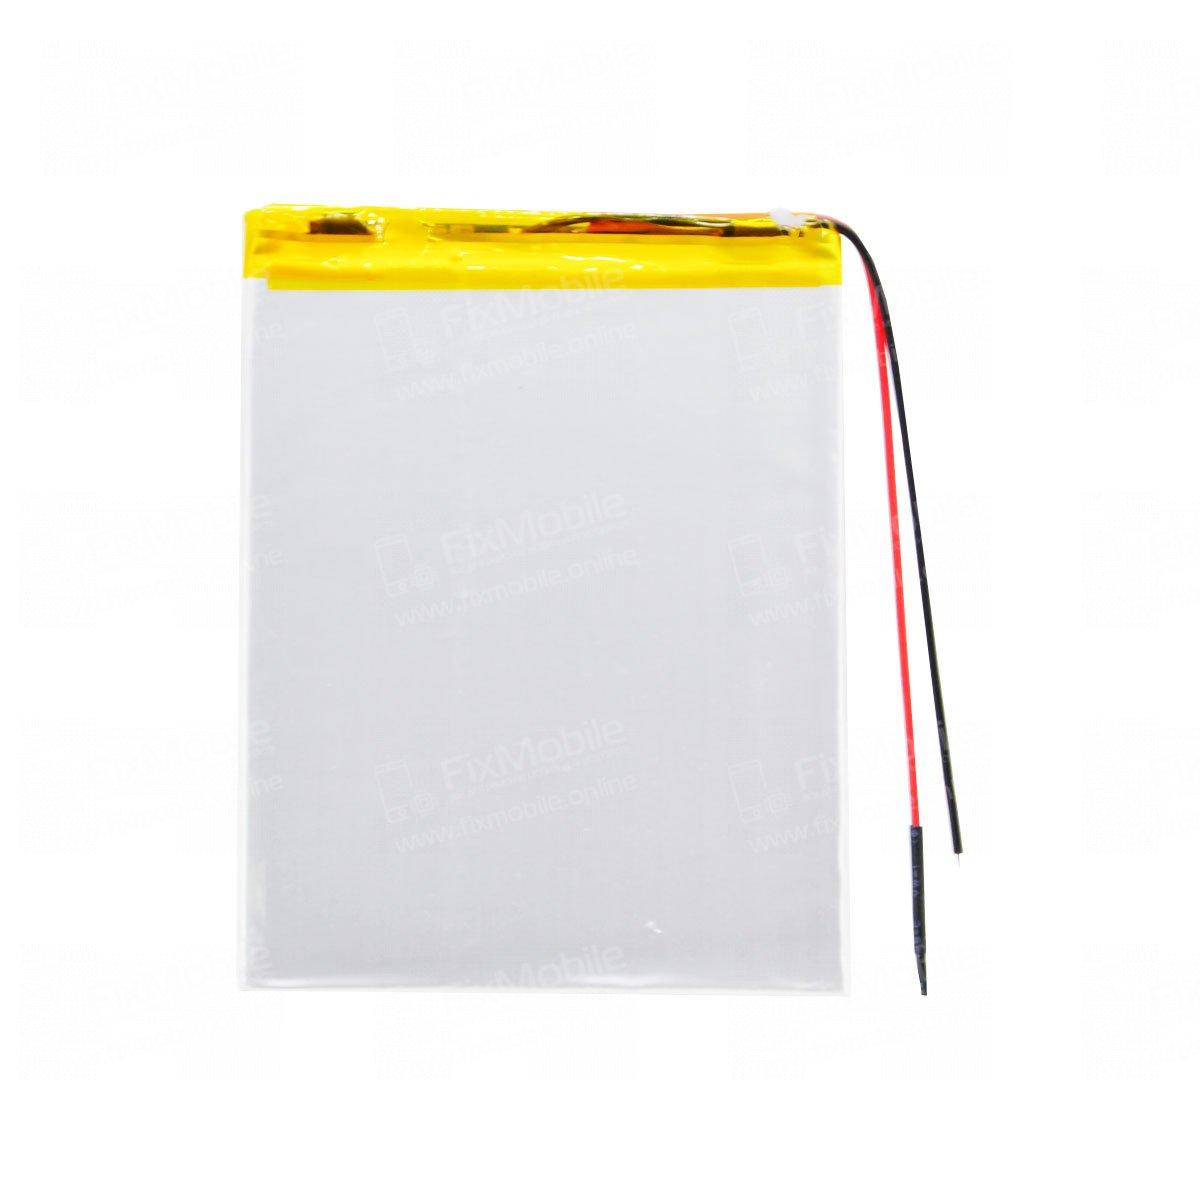 Аккумуляторная батарея универсальная 367590p (3.6*75*90 мм)